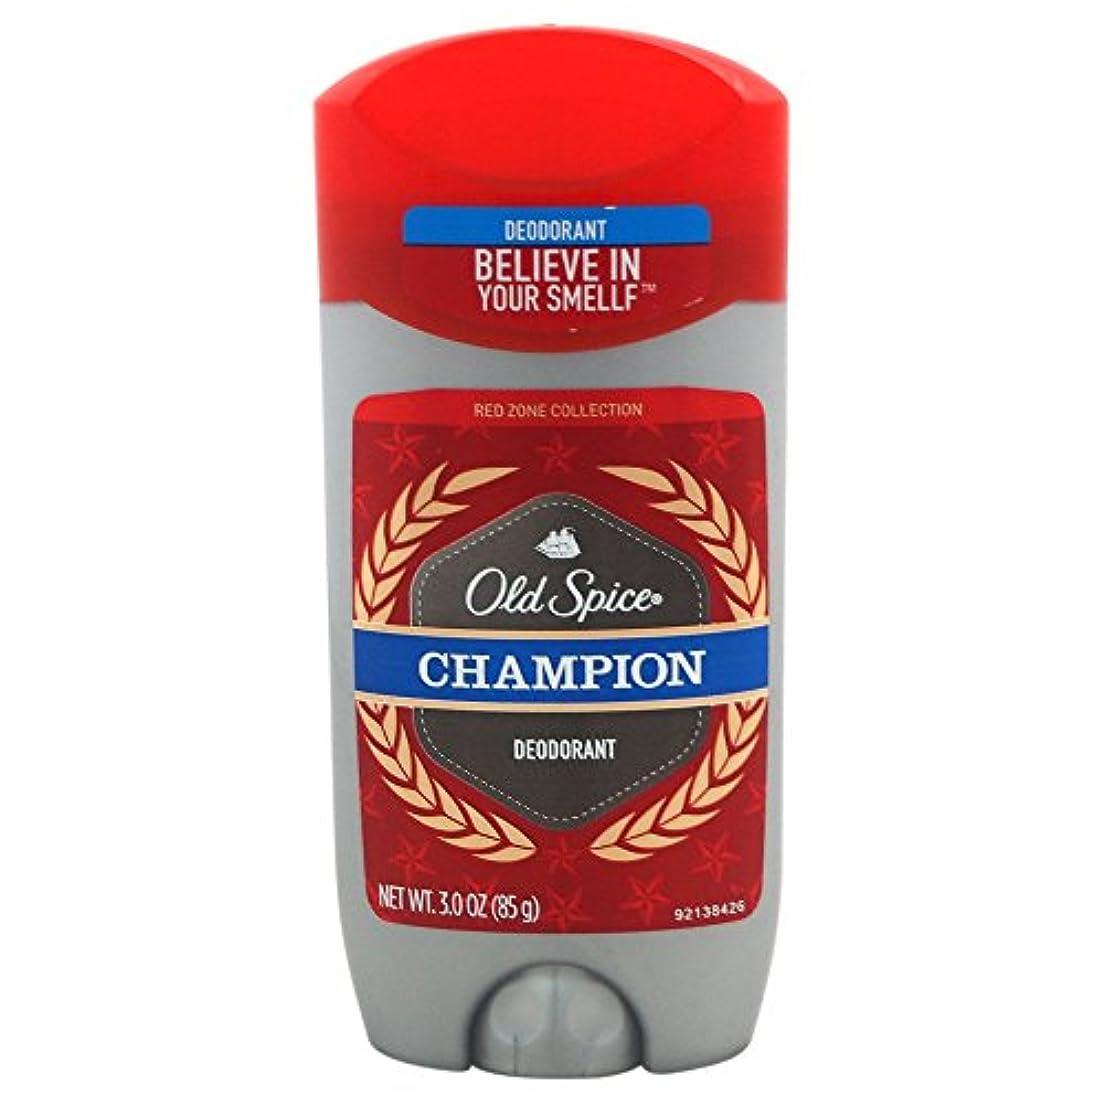 お客様ウェブフォークオールドスパイス(Old Spice) Deodorant デオドラント Red zone CHAMPION/チャンピョン 85g[並行輸入品]